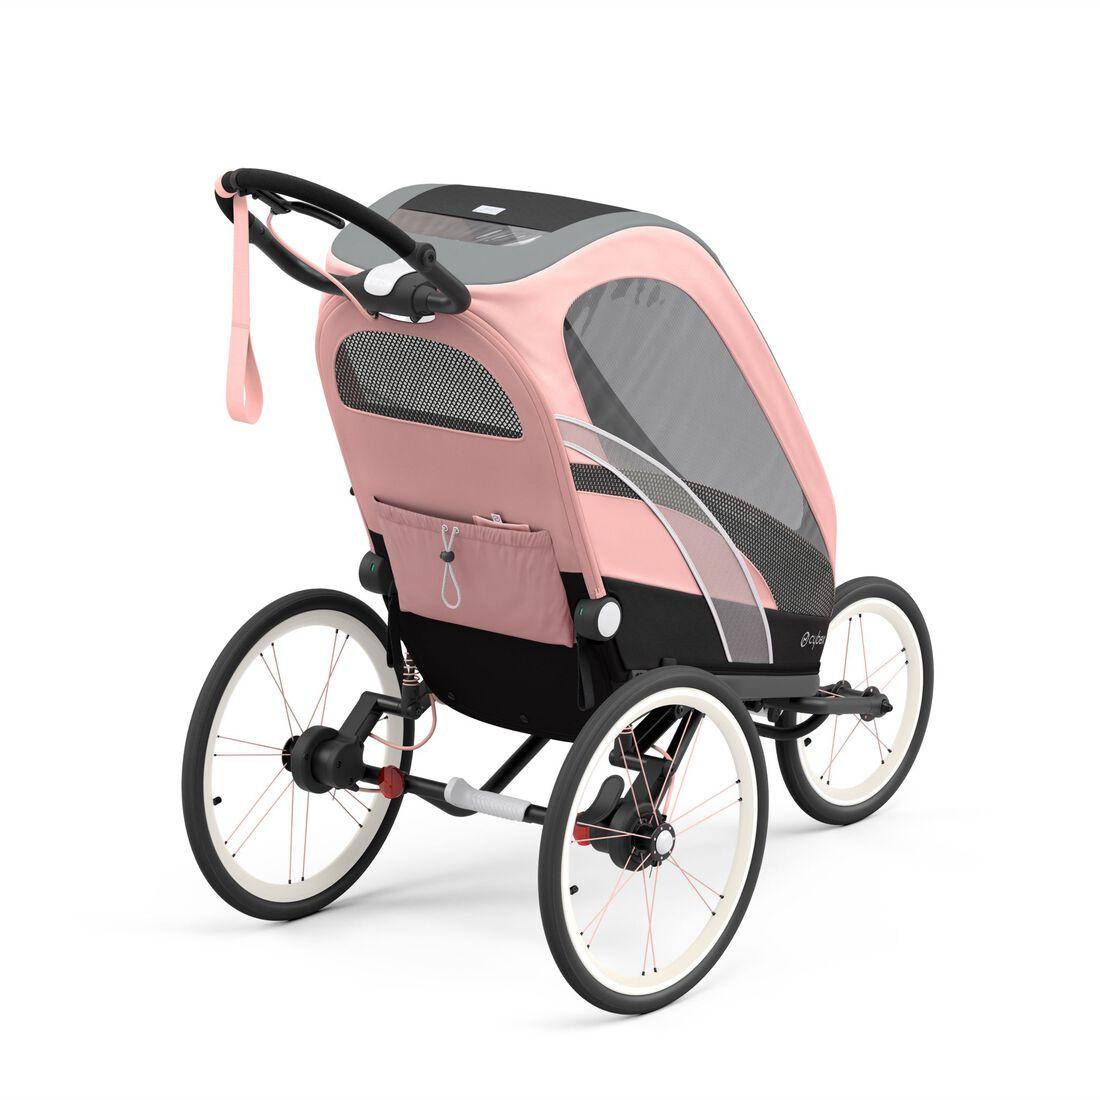 CYBEX Zeno Rahmen - Schwarz mit pinken Details in Black With Pink Details large Bild 5